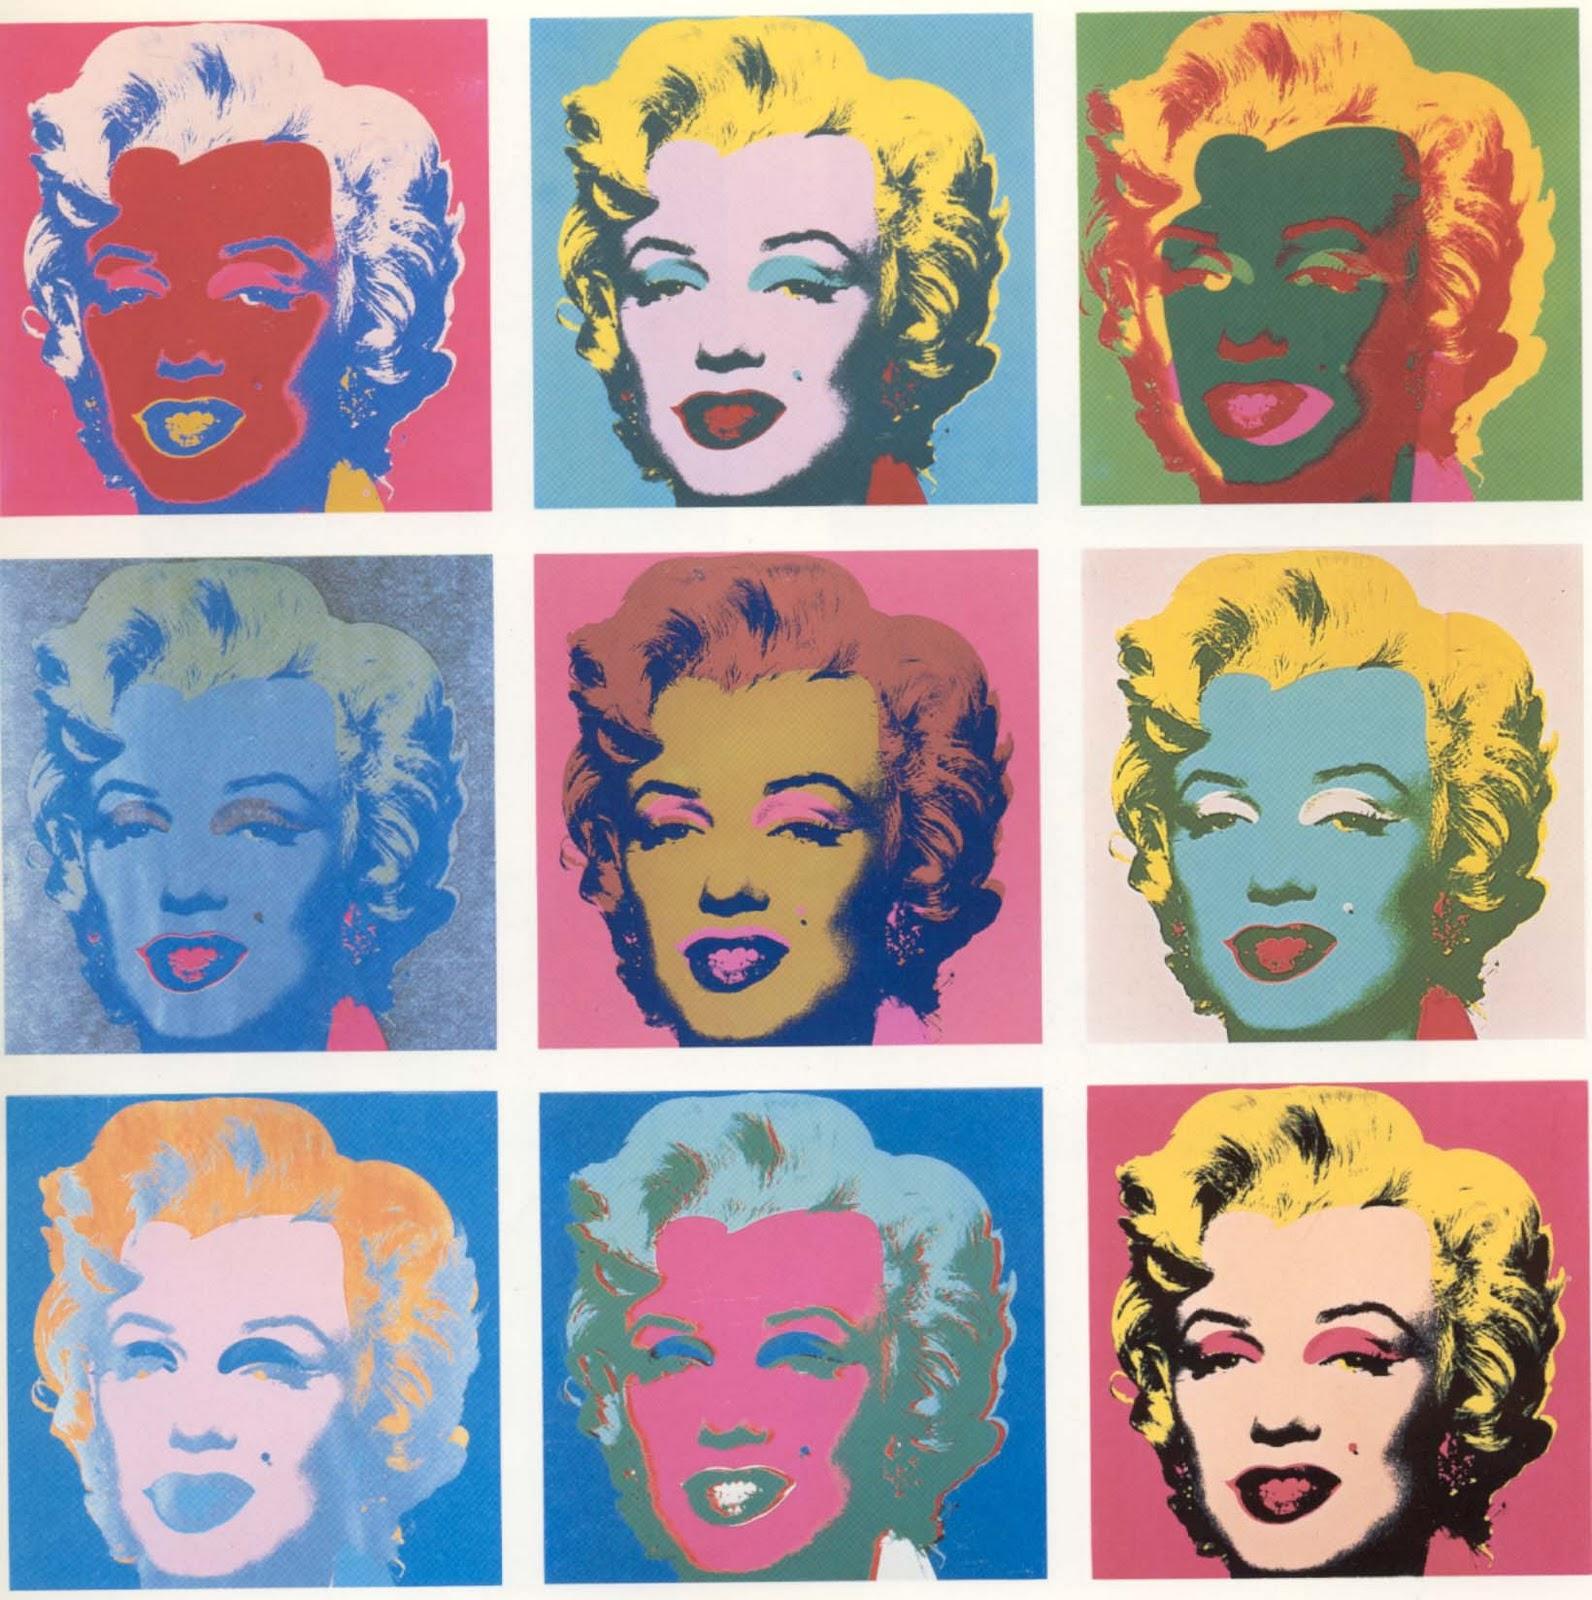 http://3.bp.blogspot.com/-Et-cH6sW-y8/TyTXx76t0FI/AAAAAAAAAf0/wZy4nIxtgKc/s1600/unctagoriized_marilyn-monroe-Warhol-02.jpg